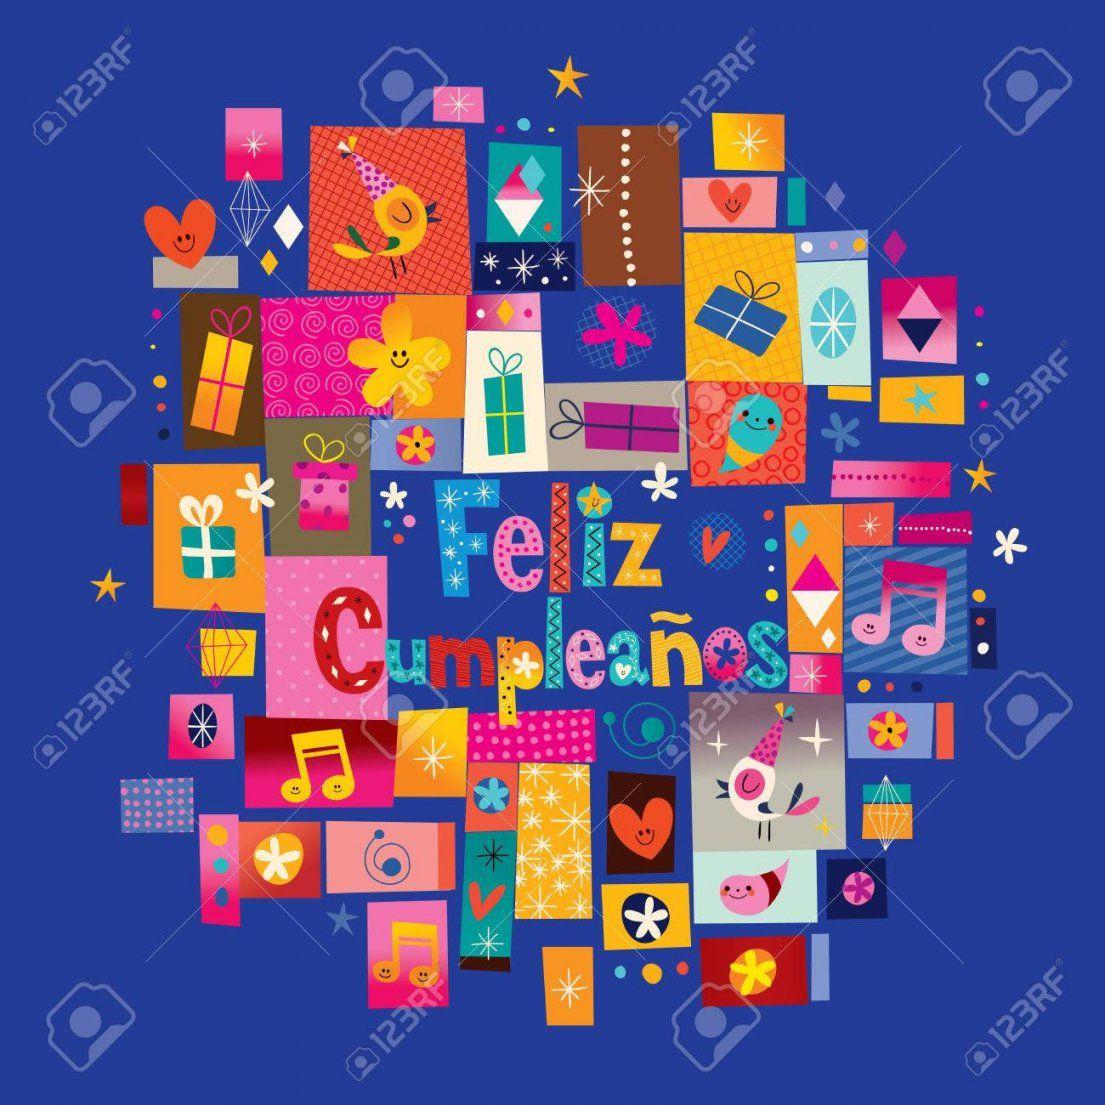 Feliz Cumpleanos  Alles Gute Zum Geburtstag Auf Spanisch Grußkarte von Alles Gute Zum Geburtstag Auf Spanisch Photo